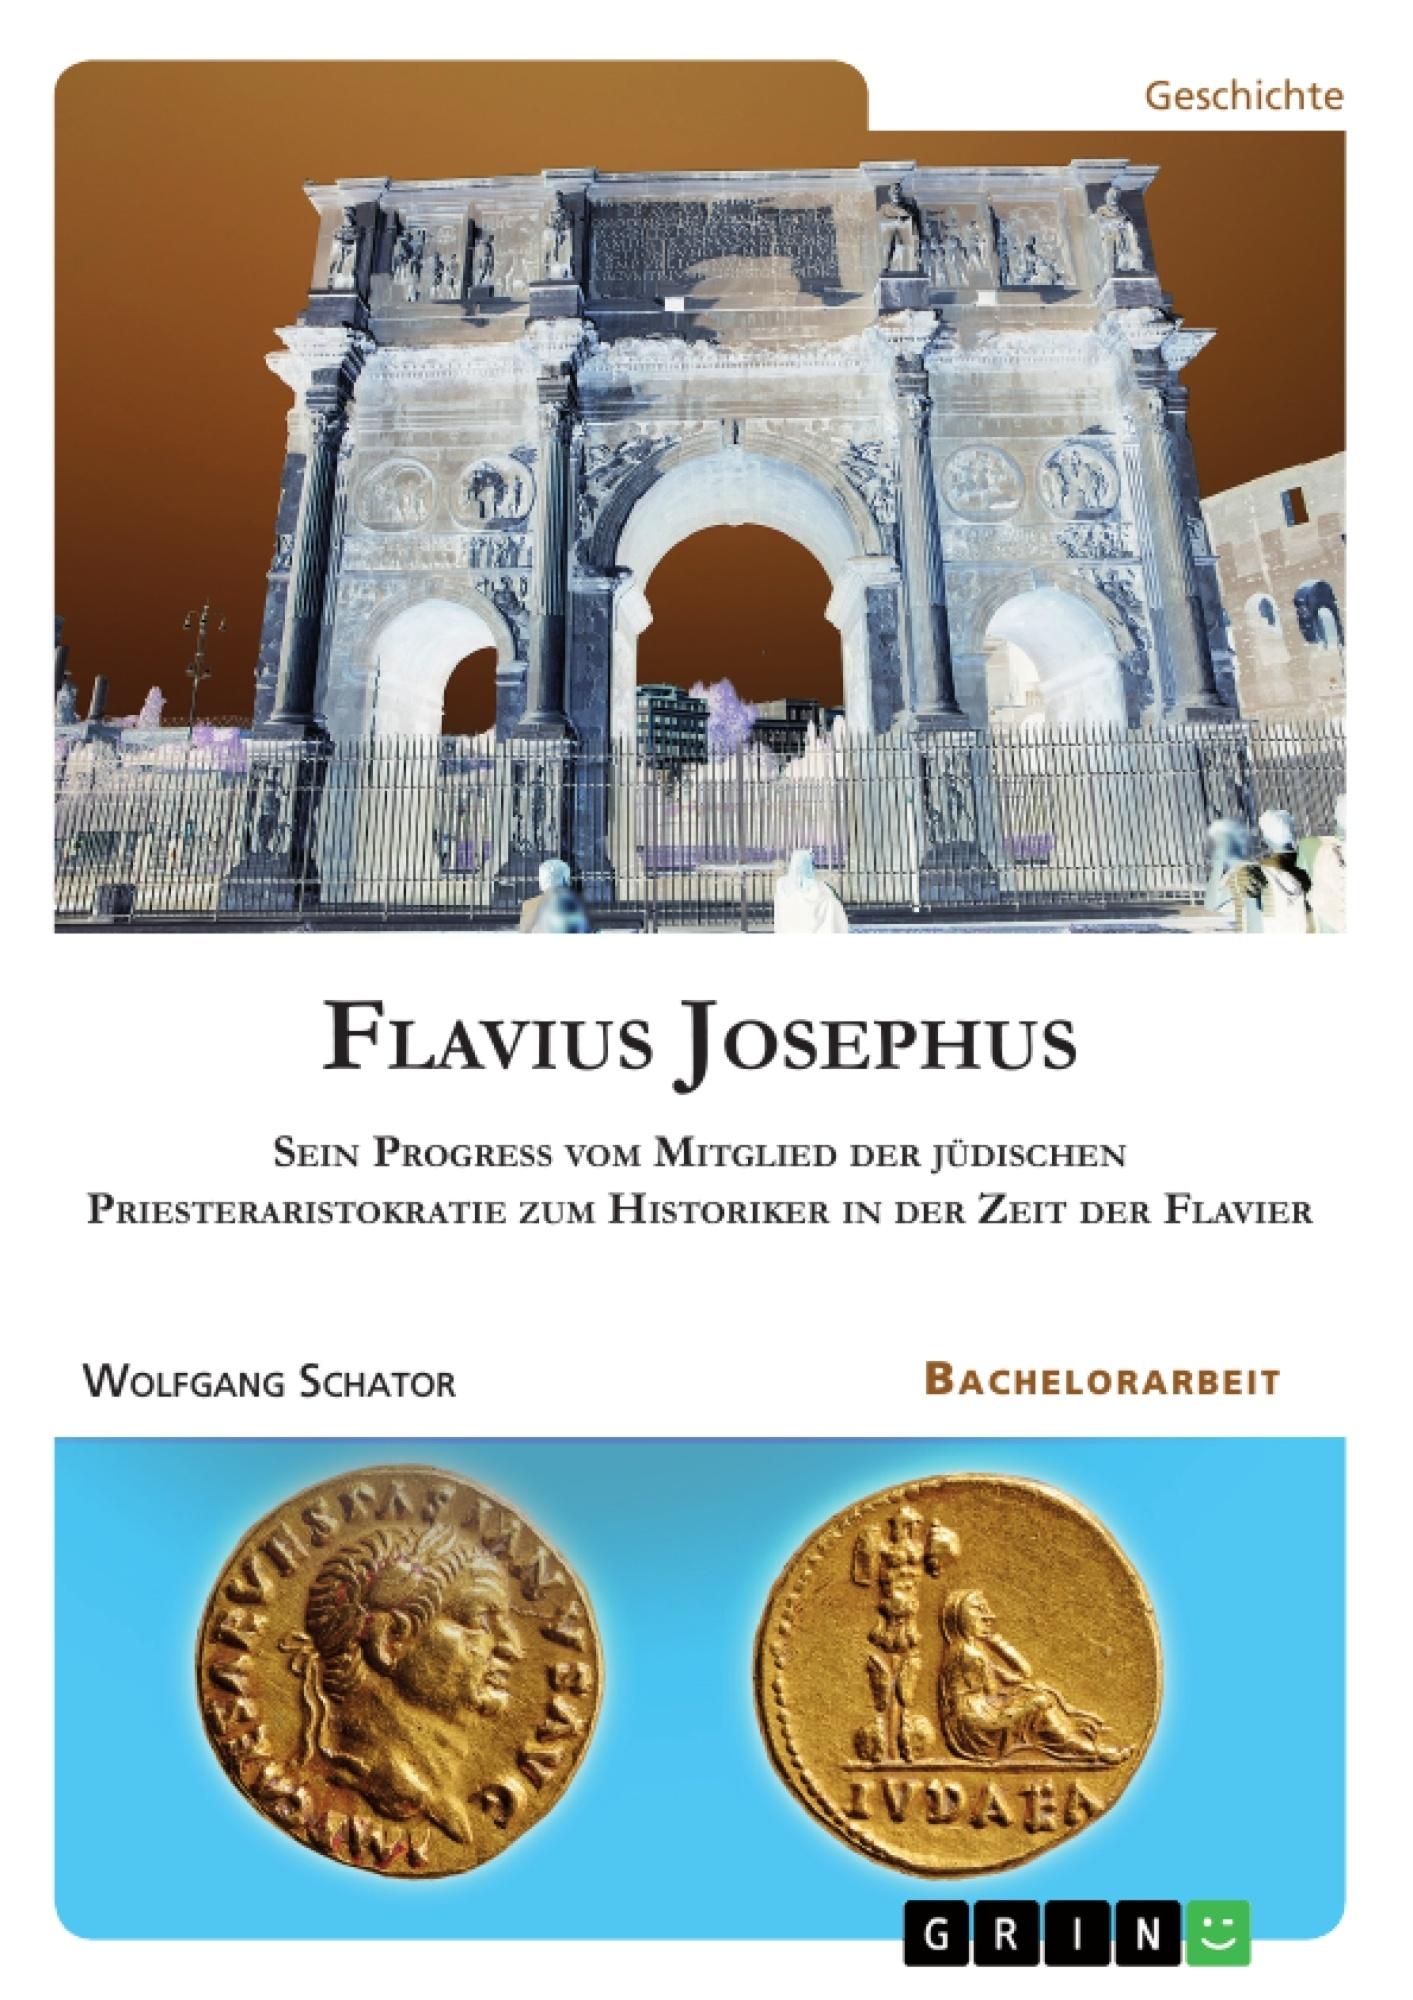 Titel: Flavius Josephus. Sein Progress vom Mitglied der jüdischen Priesteraristokratie zum Historiker in der Zeit der Flavier